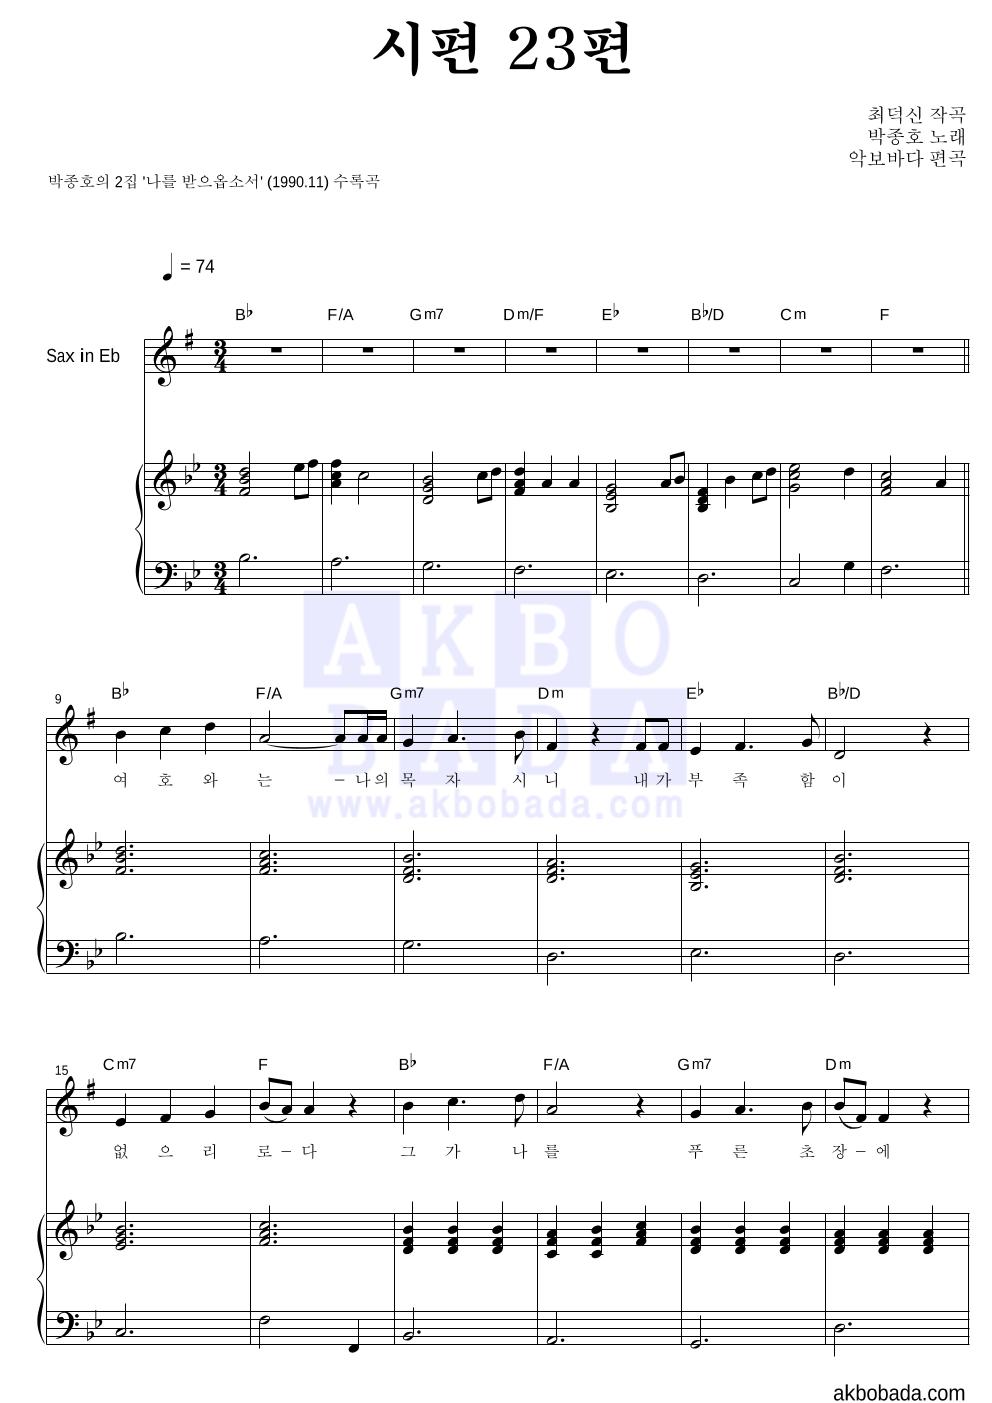 박종호 - 시편 23편 Eb색소폰&피아노 악보